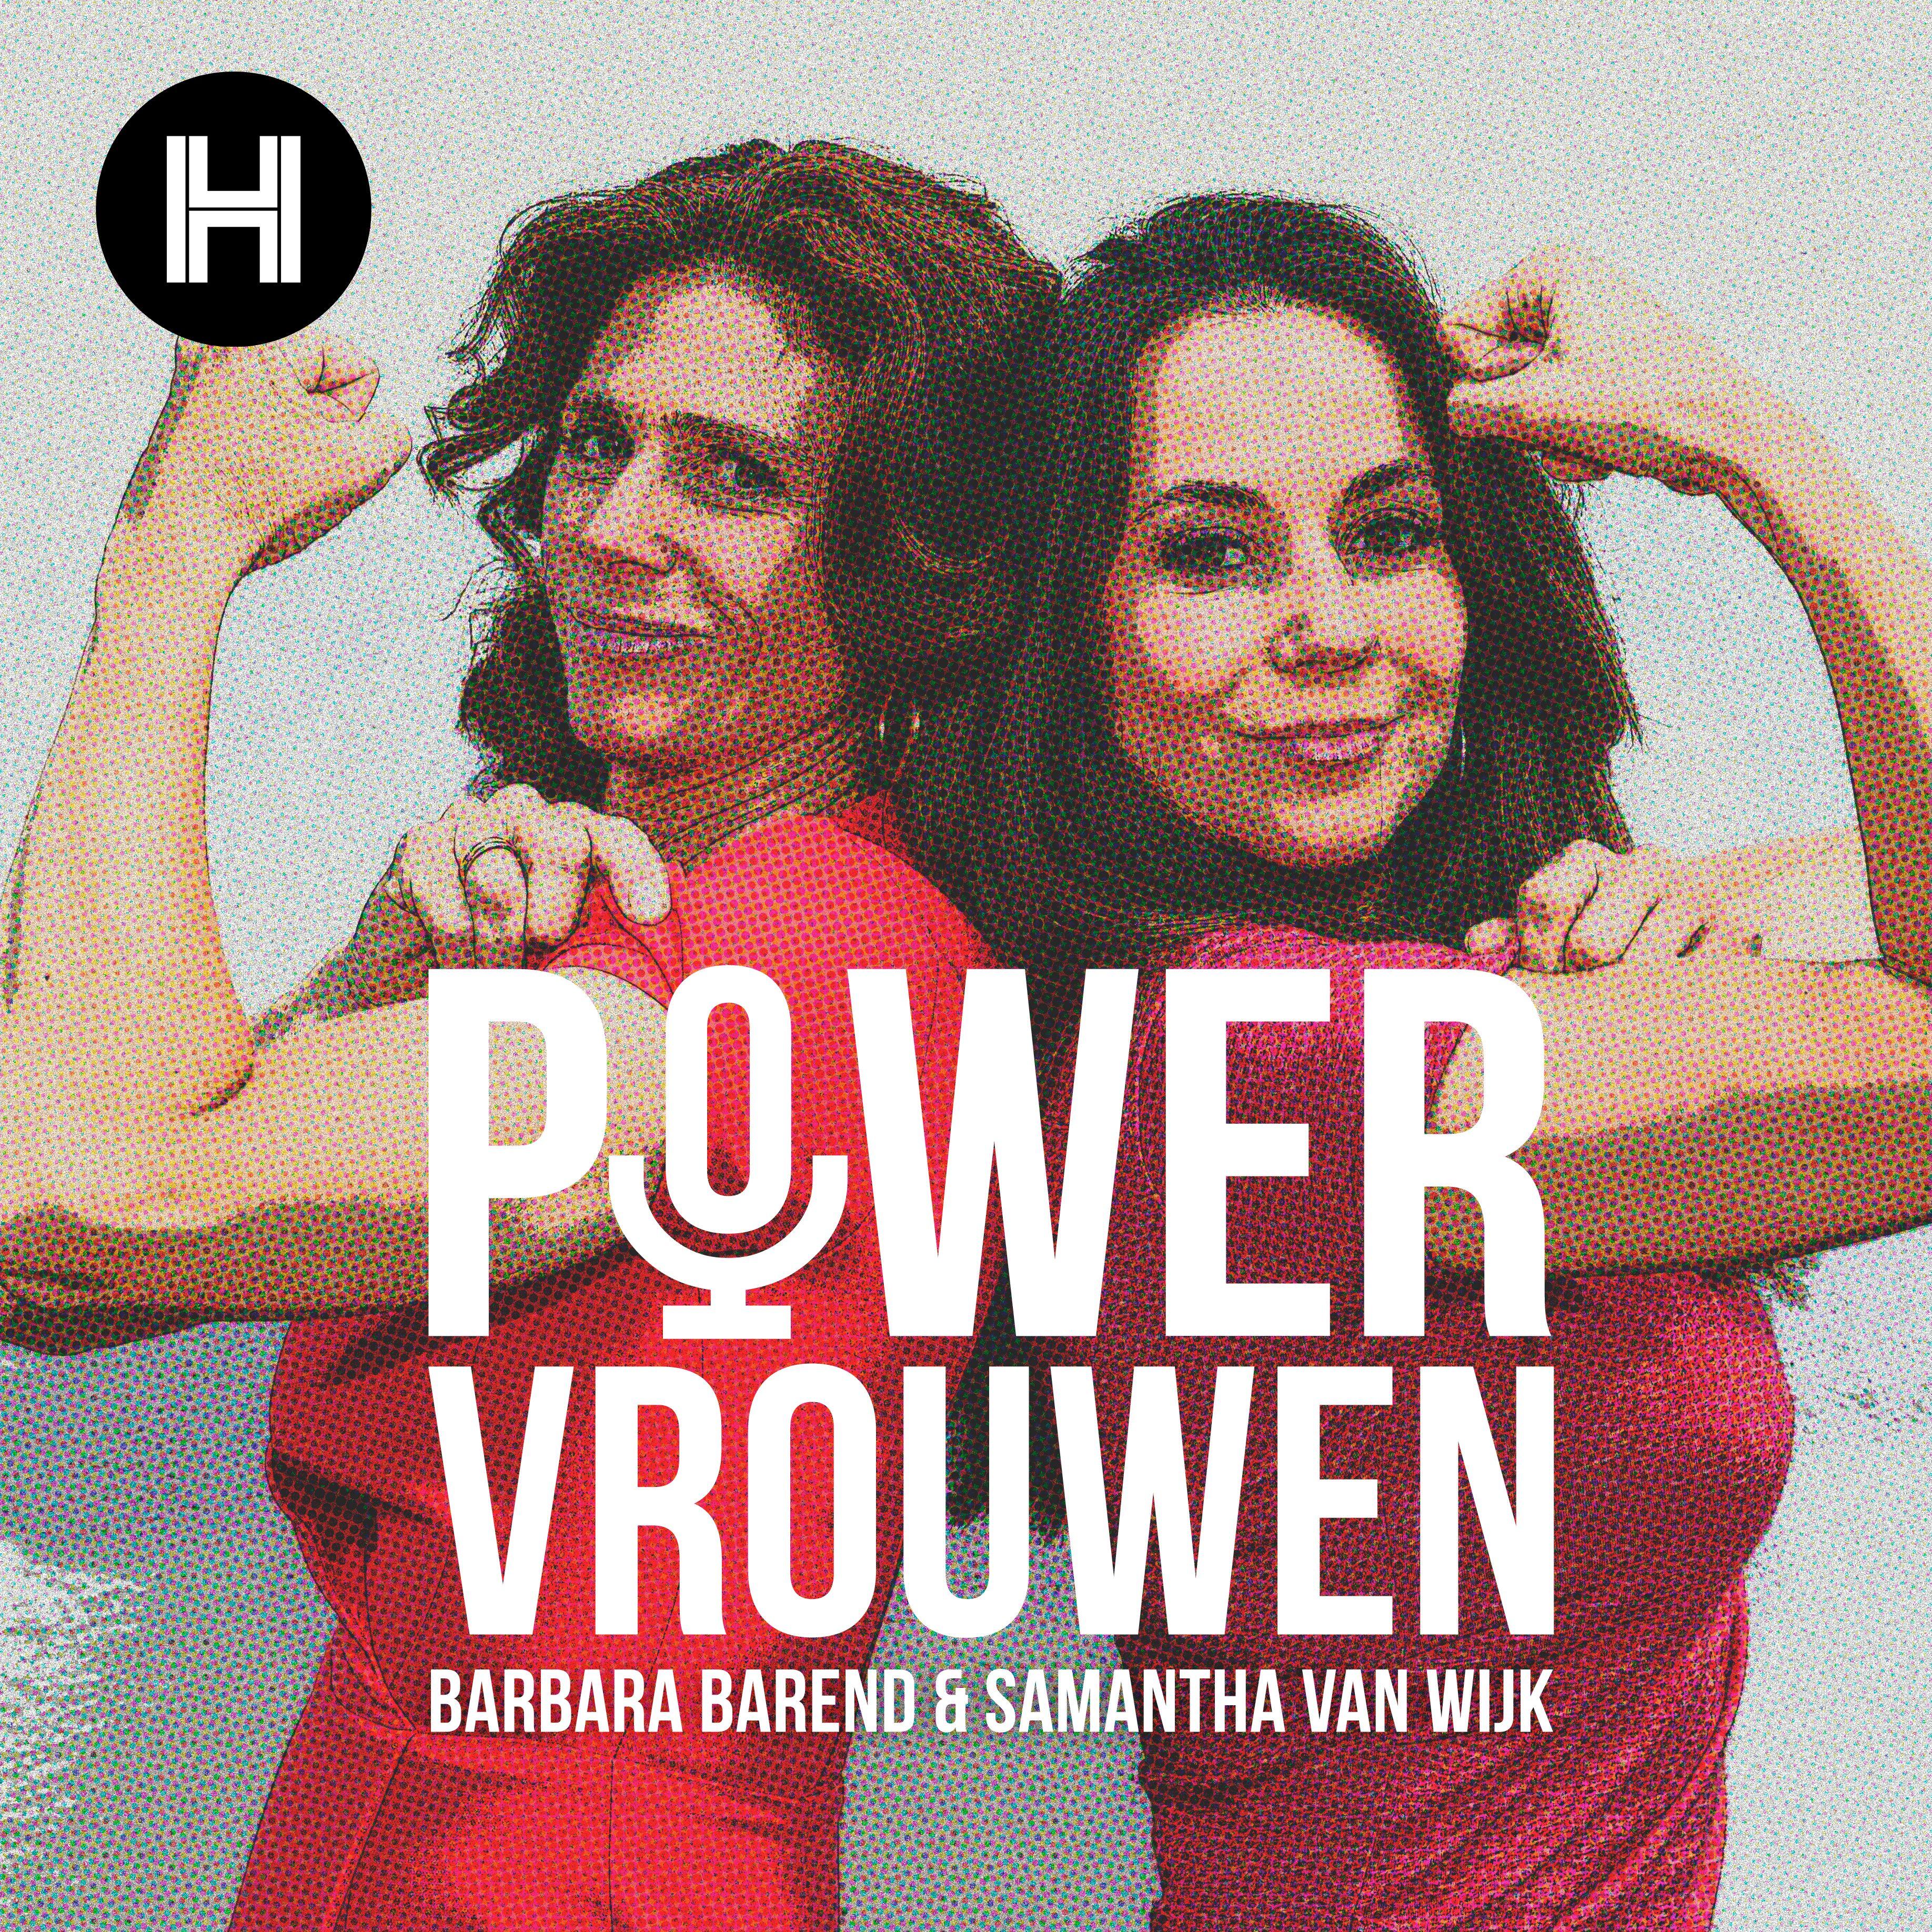 Helden Powervrouwen Podcast logo